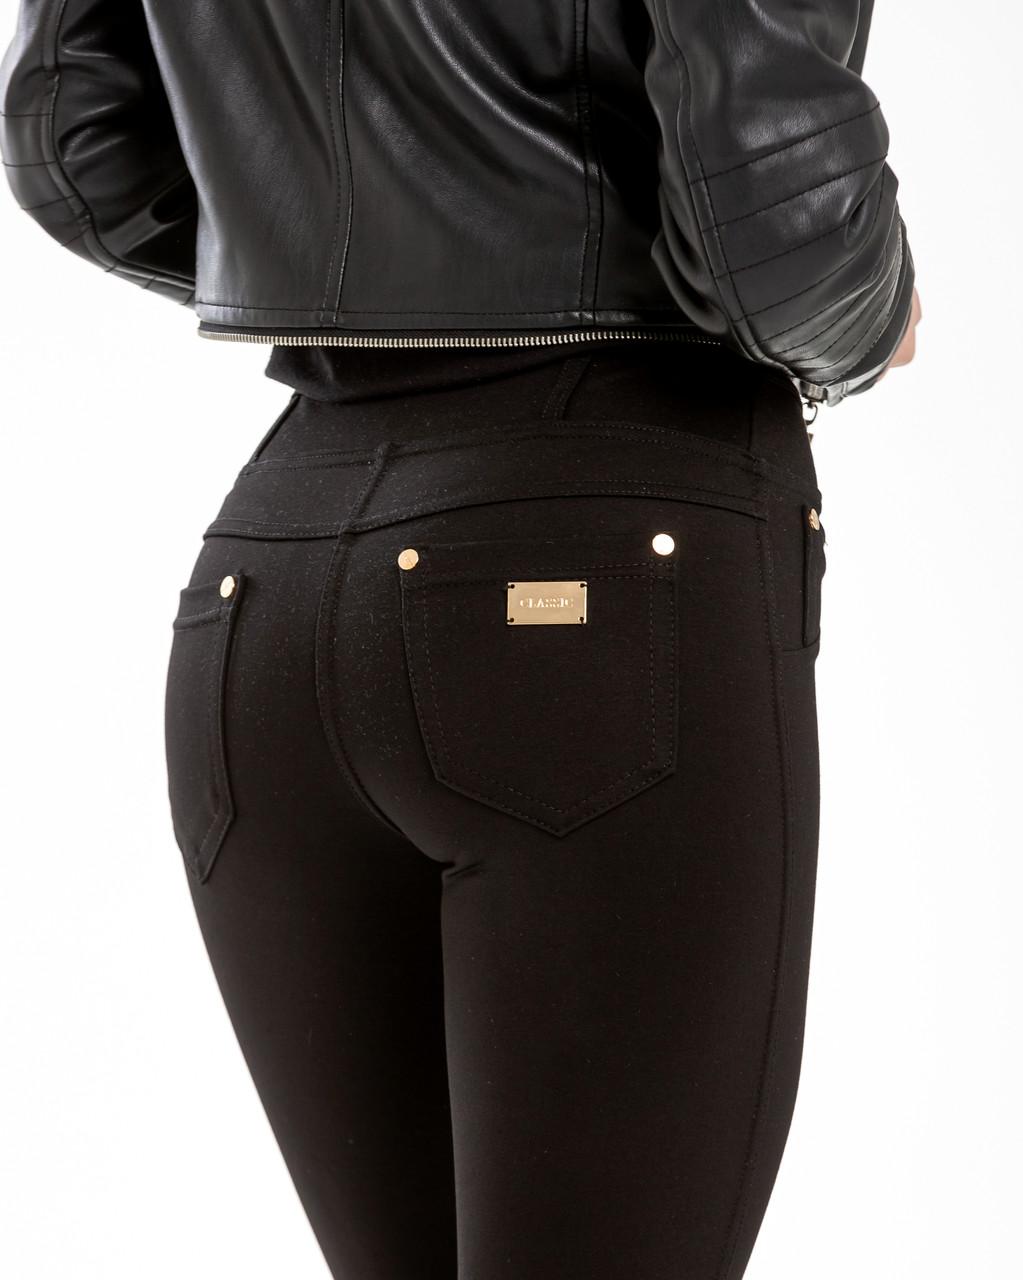 Лосины женские турецкий трикотаж чёрные с карманами №867